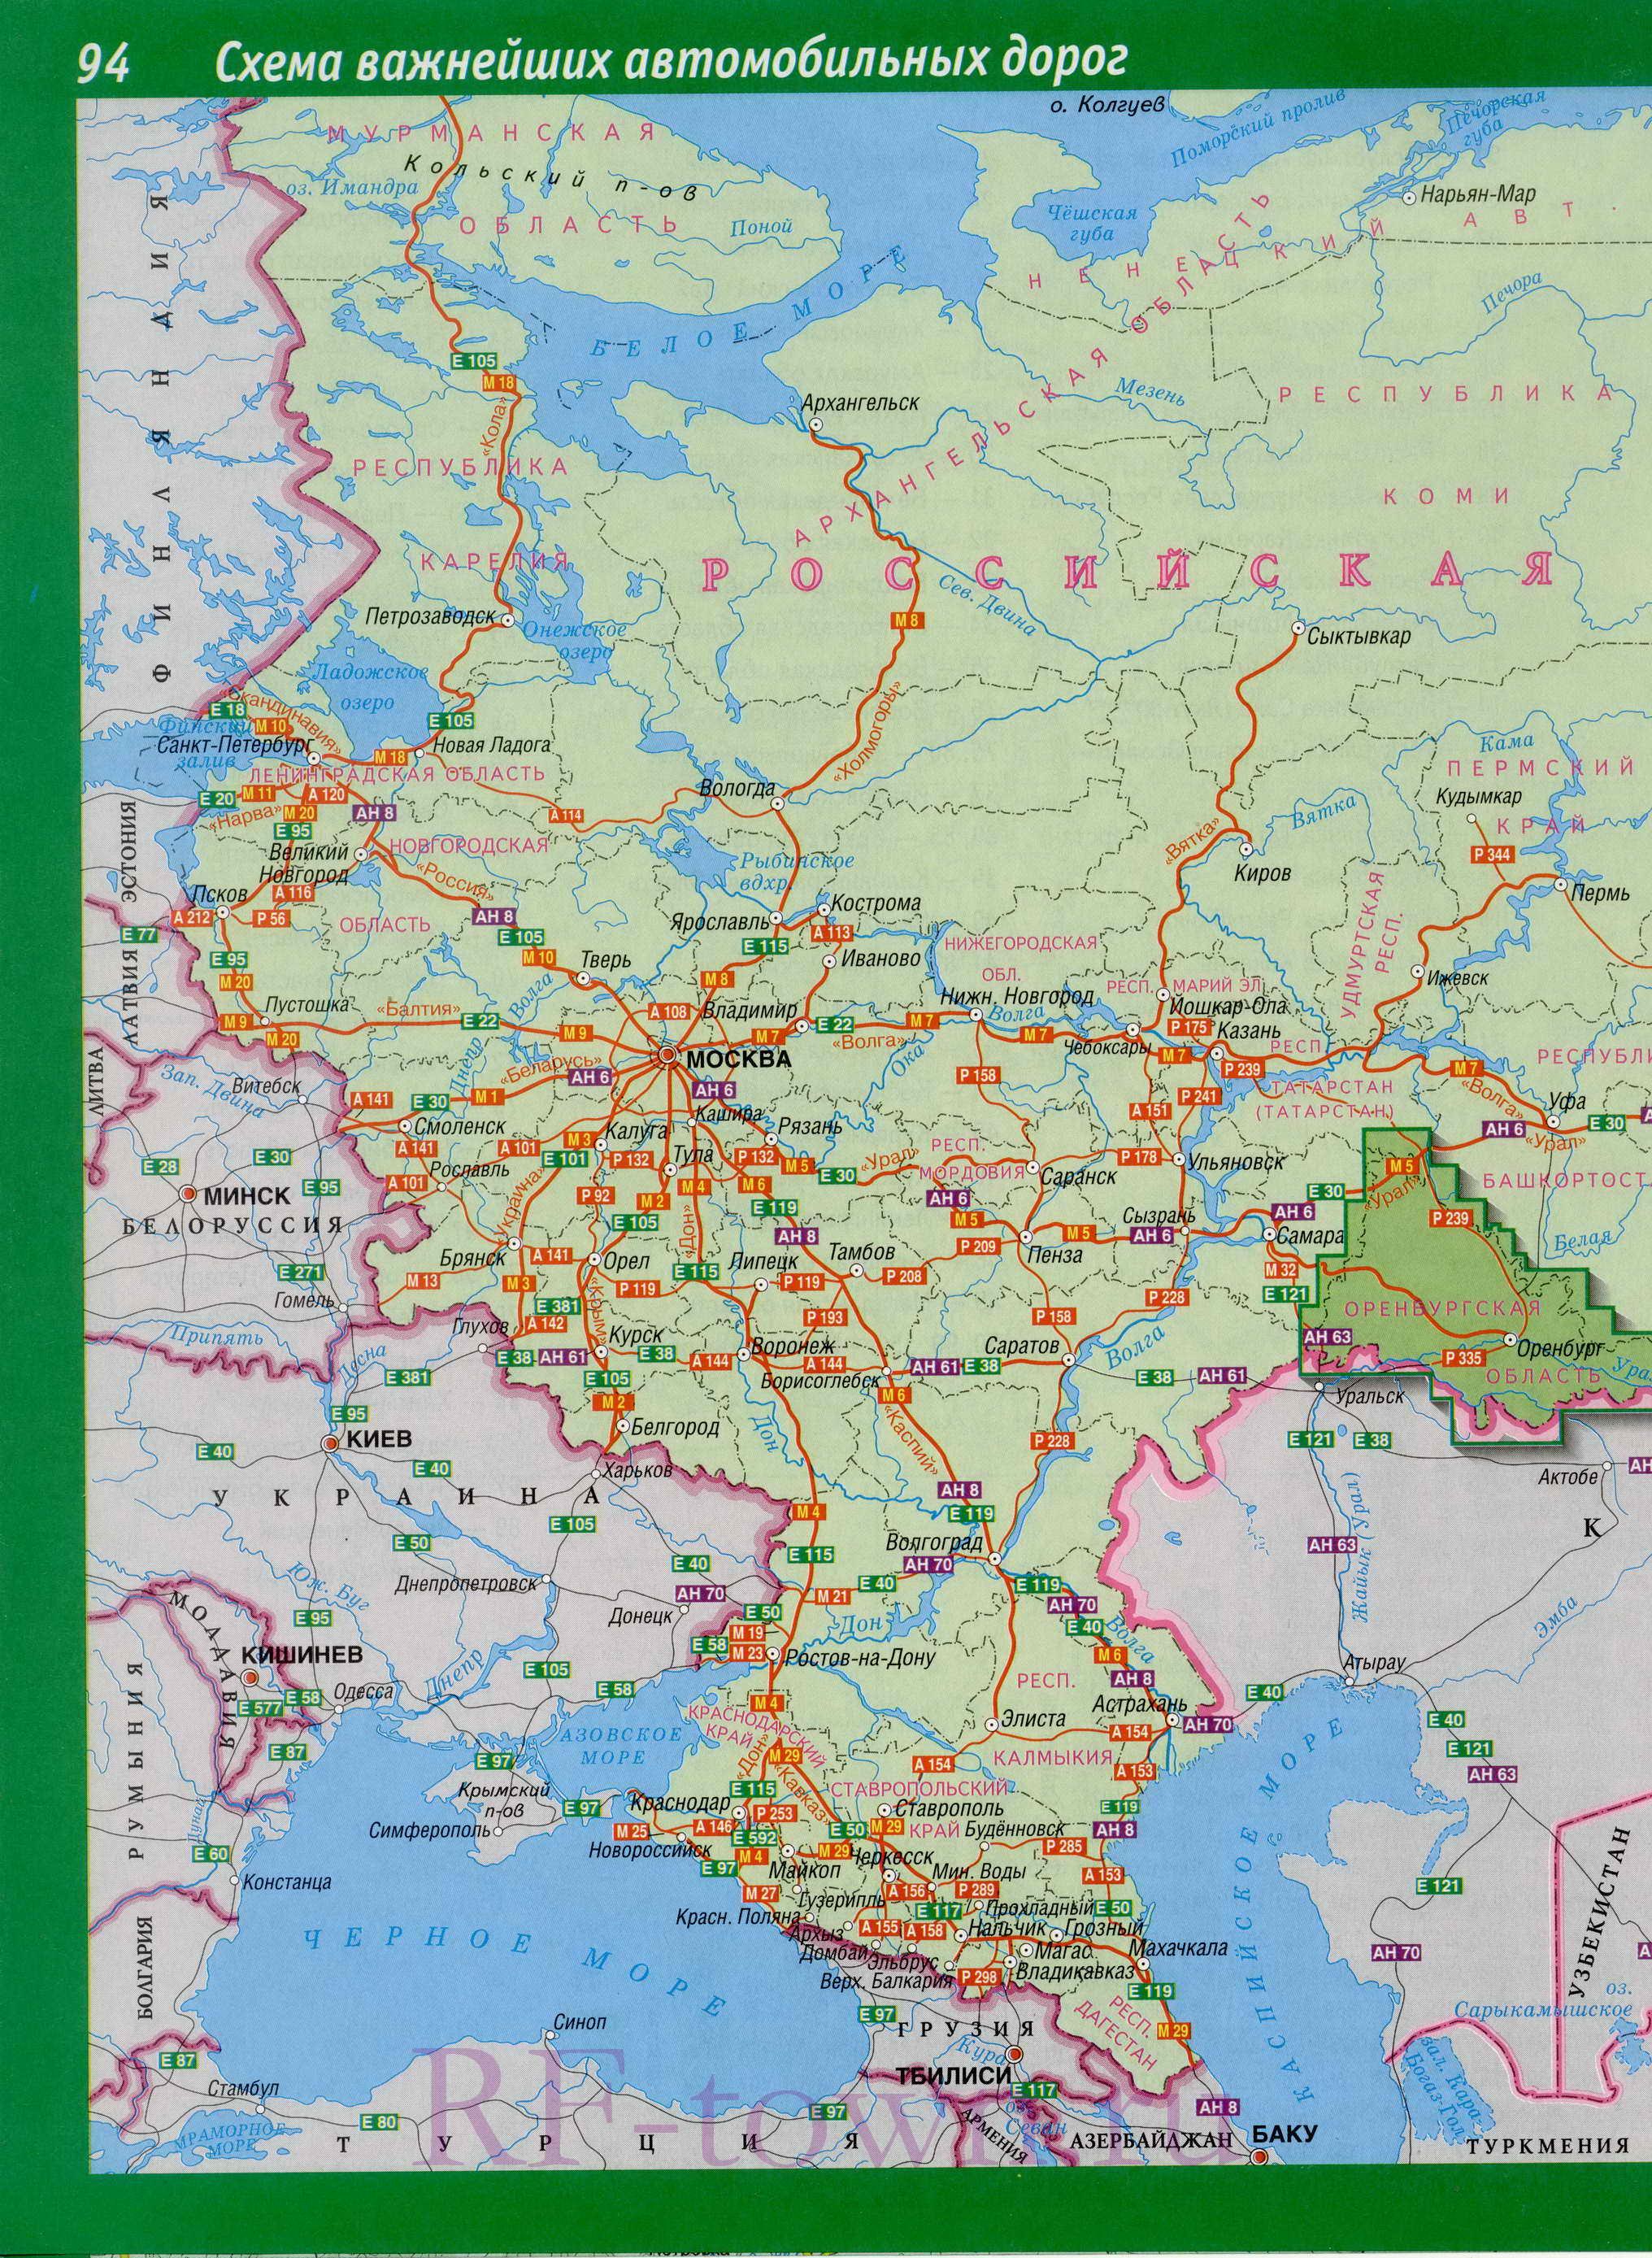 впускной карта автомобильных дорог россии с мостами замечала, чтобы глаза